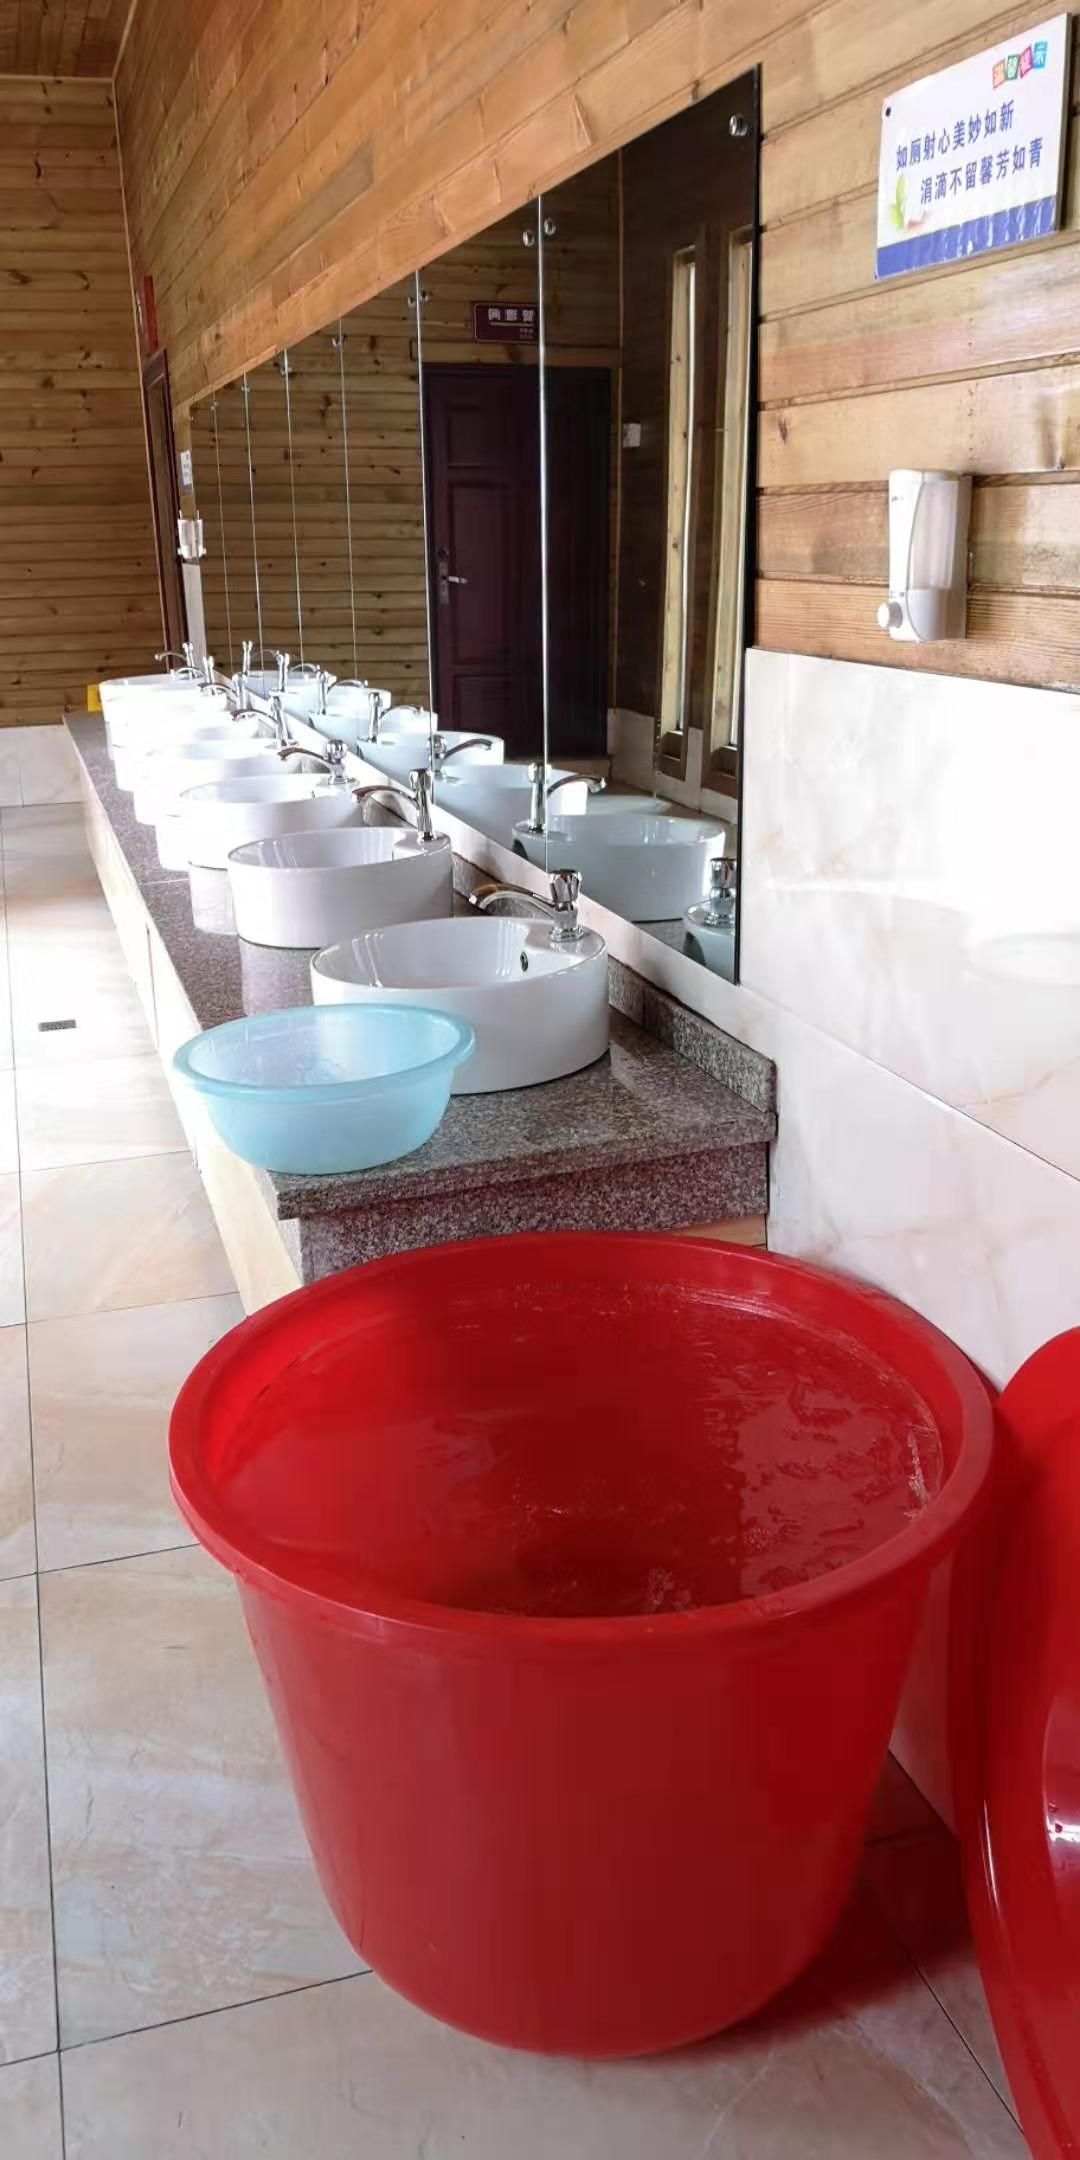 洗手池旁的大塑料桶用于囤水